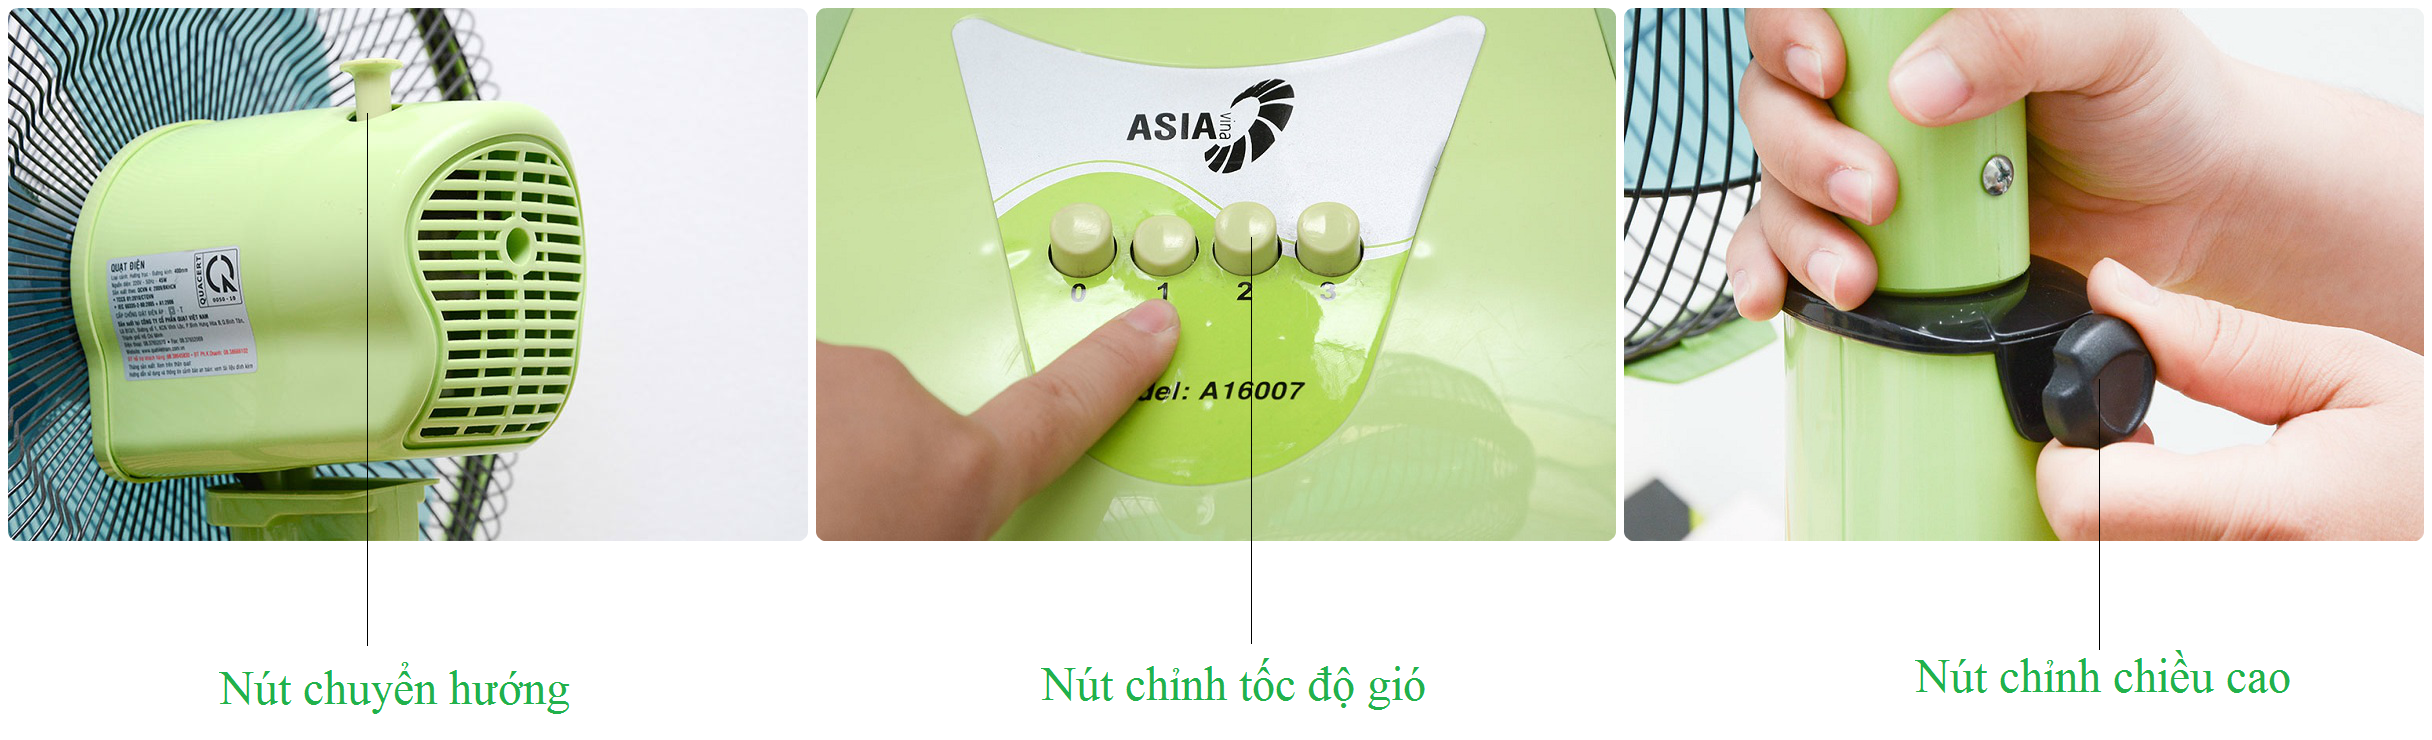 Quạt lửng Asia A16007